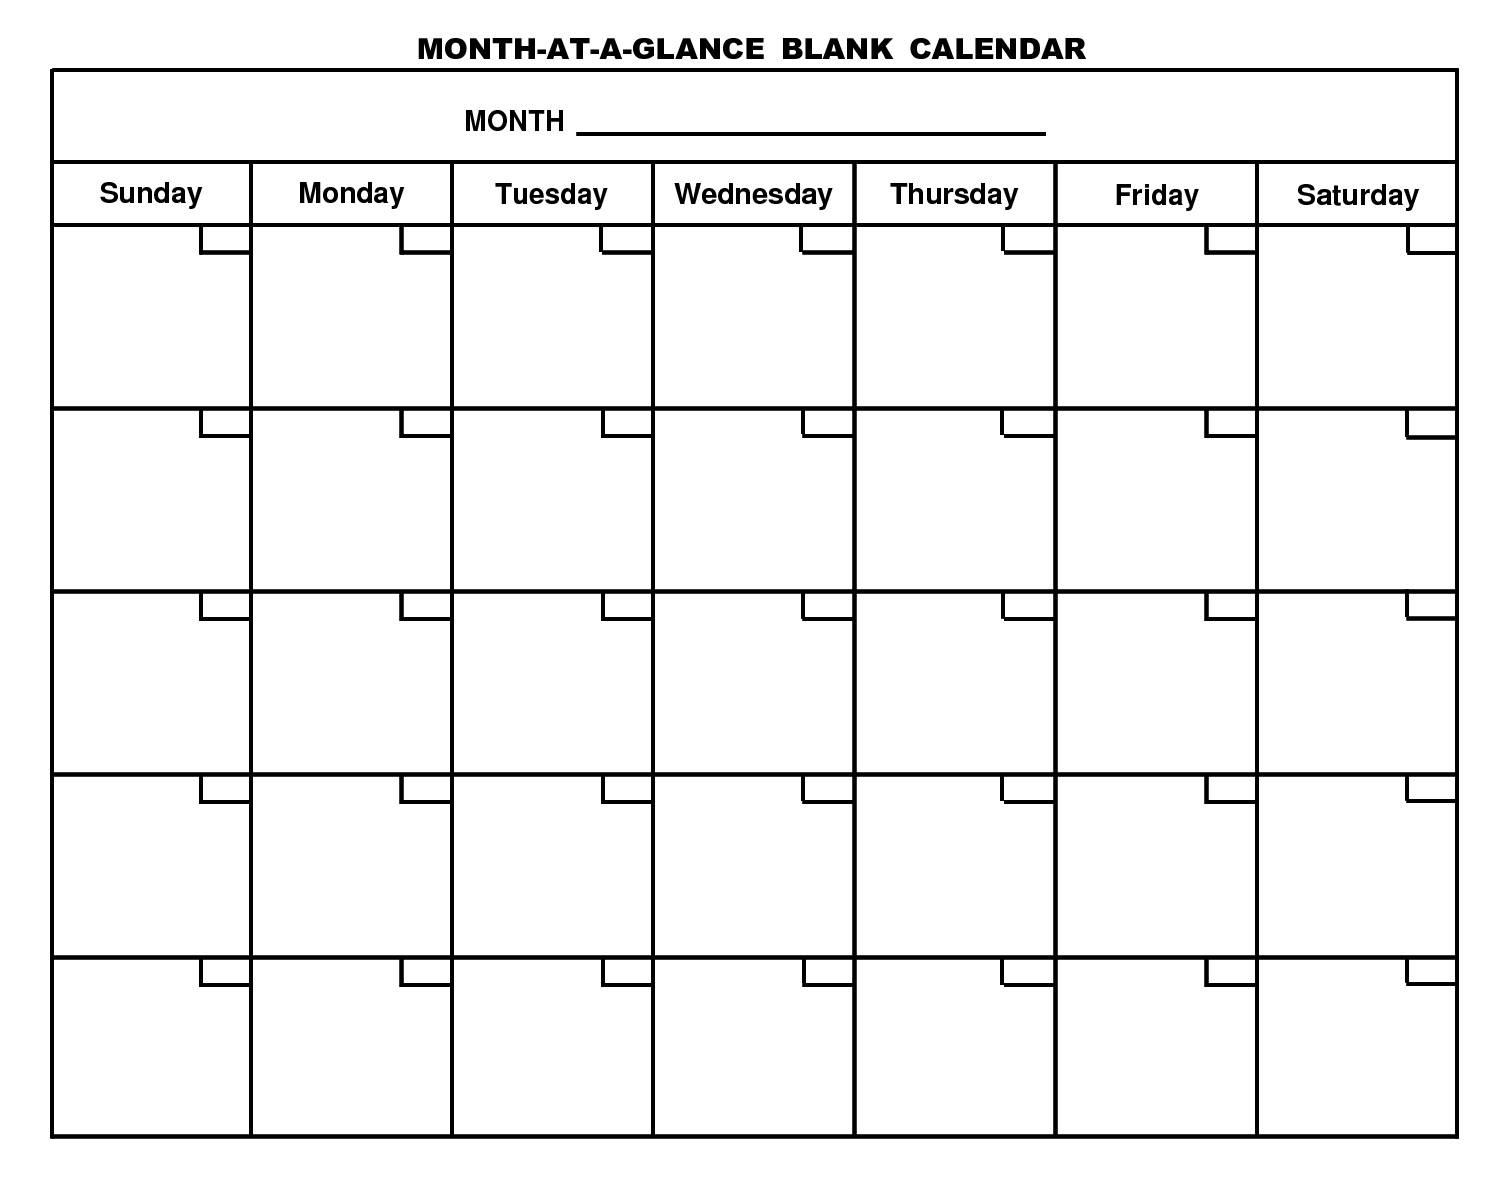 Blank Schedule Mplate Week Weekly Calendar Pdf Social Hourly Daily Blank Calendar In Pdf